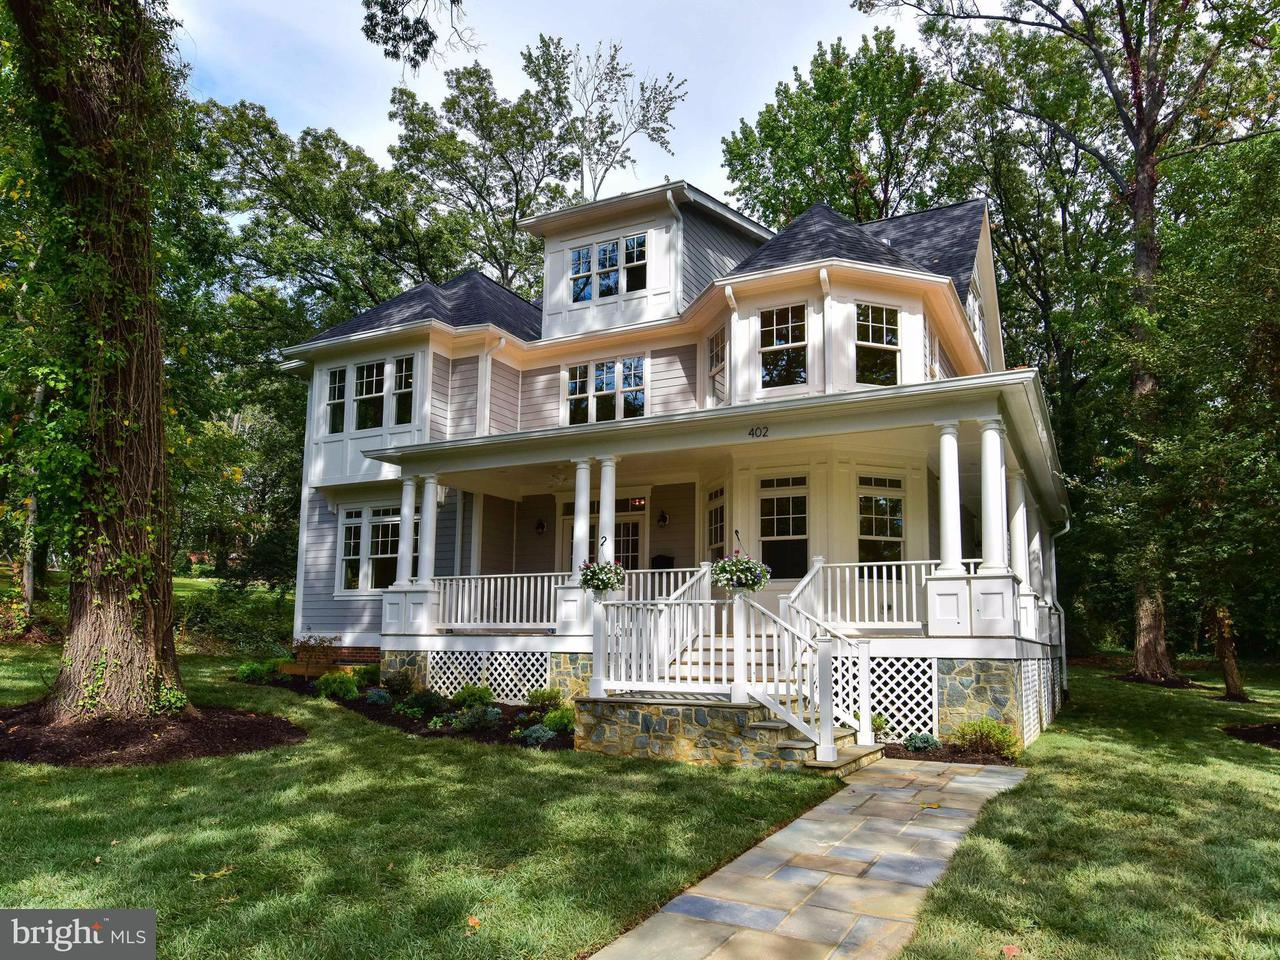 단독 가정 주택 용 매매 에 402 PRINCETON BLVD 402 PRINCETON BLVD Alexandria, 버지니아 22314 미국